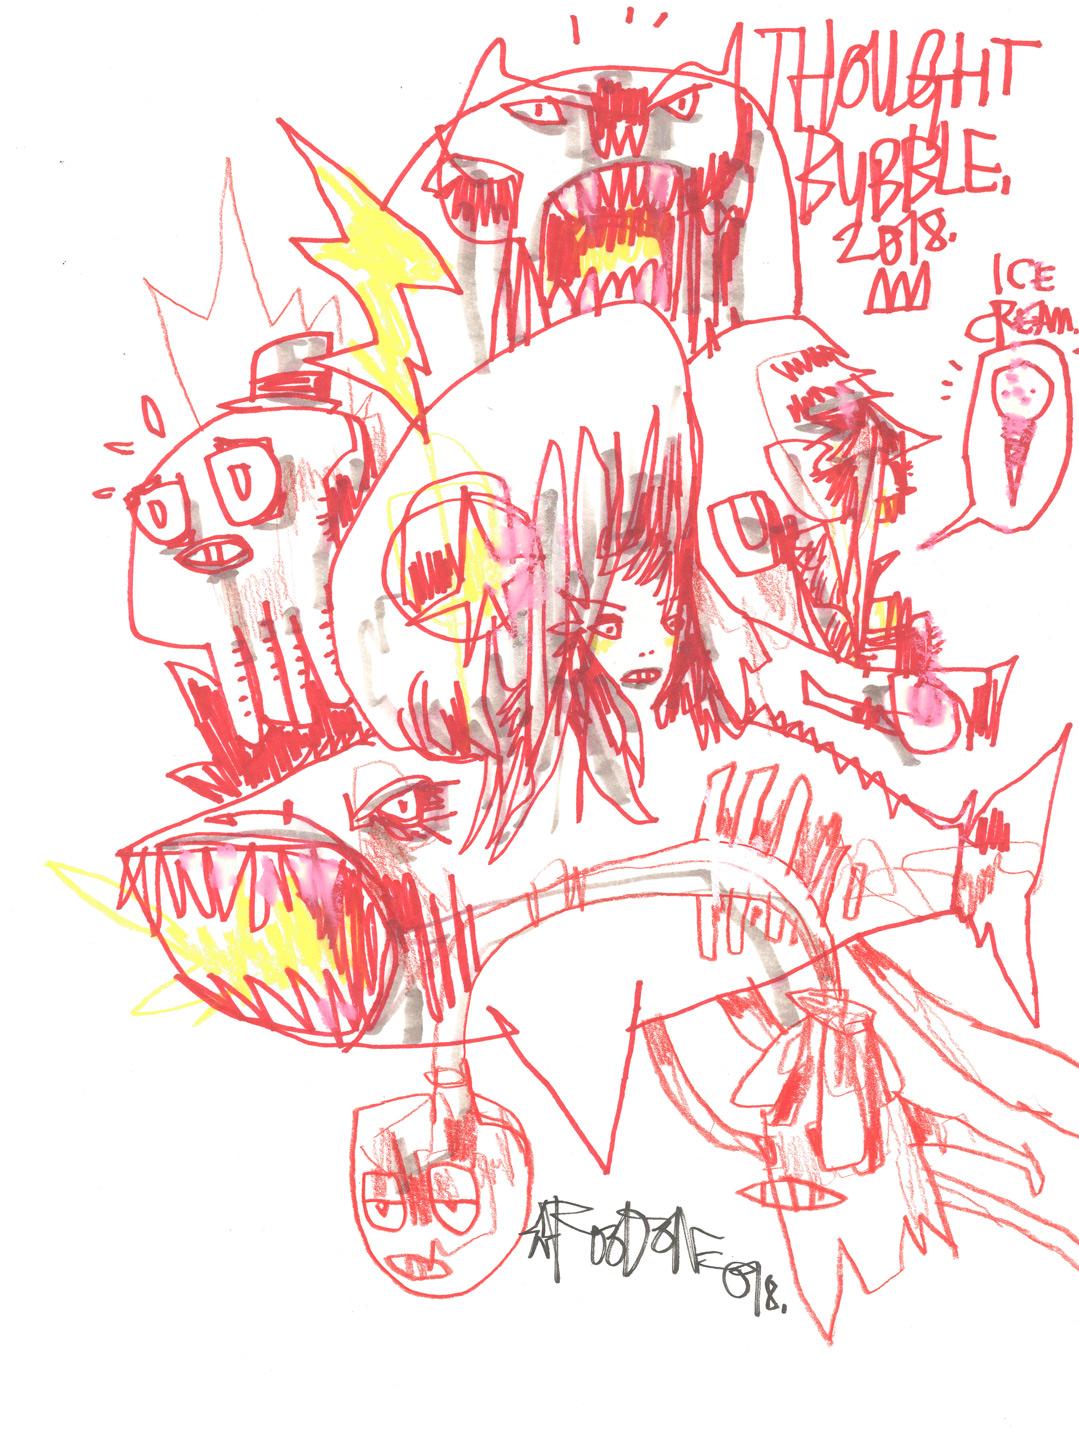 Artwork by Jim Mahfood (A3) -  See eBay Listing Here